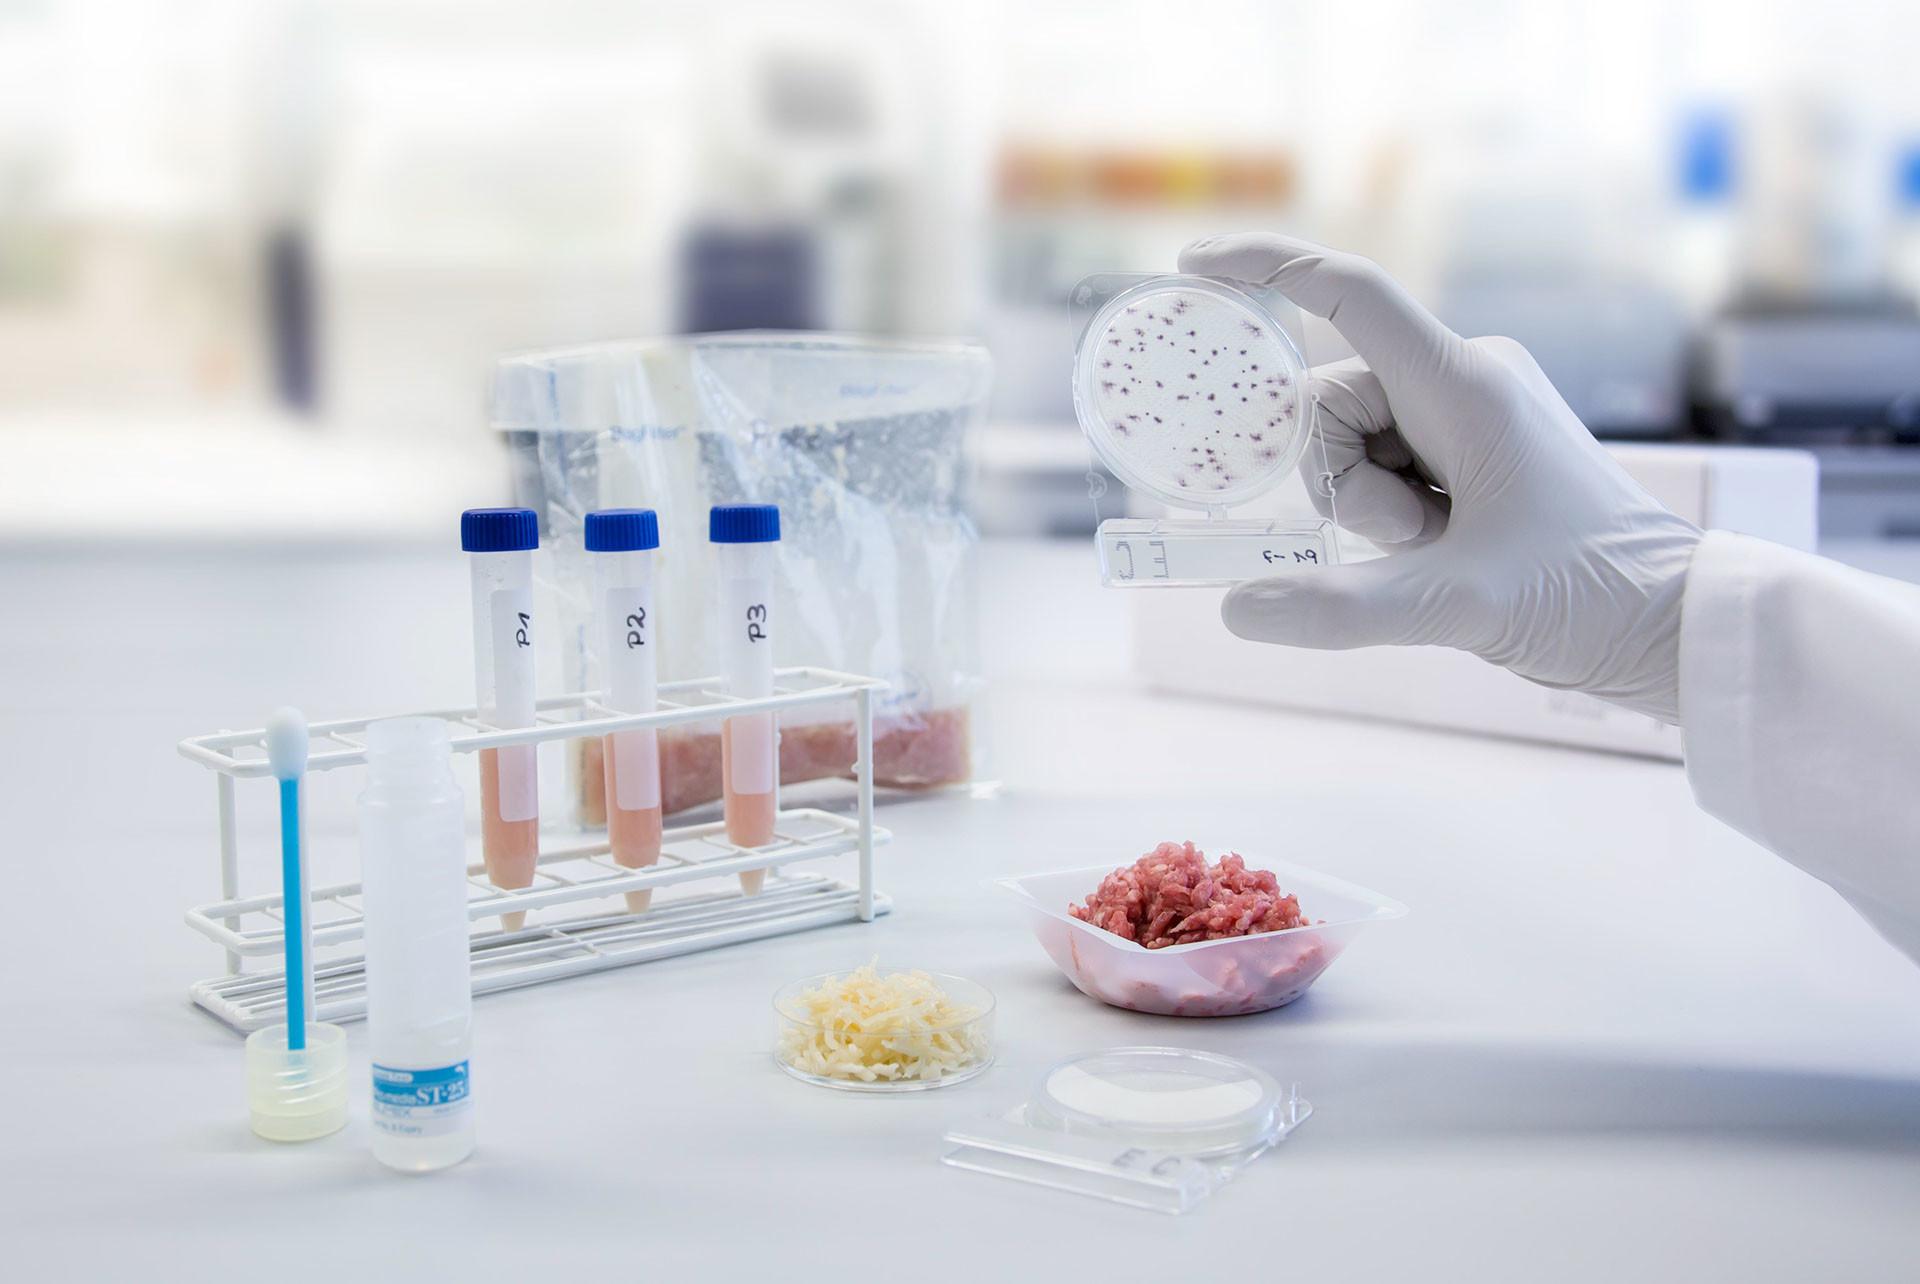 Особенности микробиологического анализа продуктов питания фото